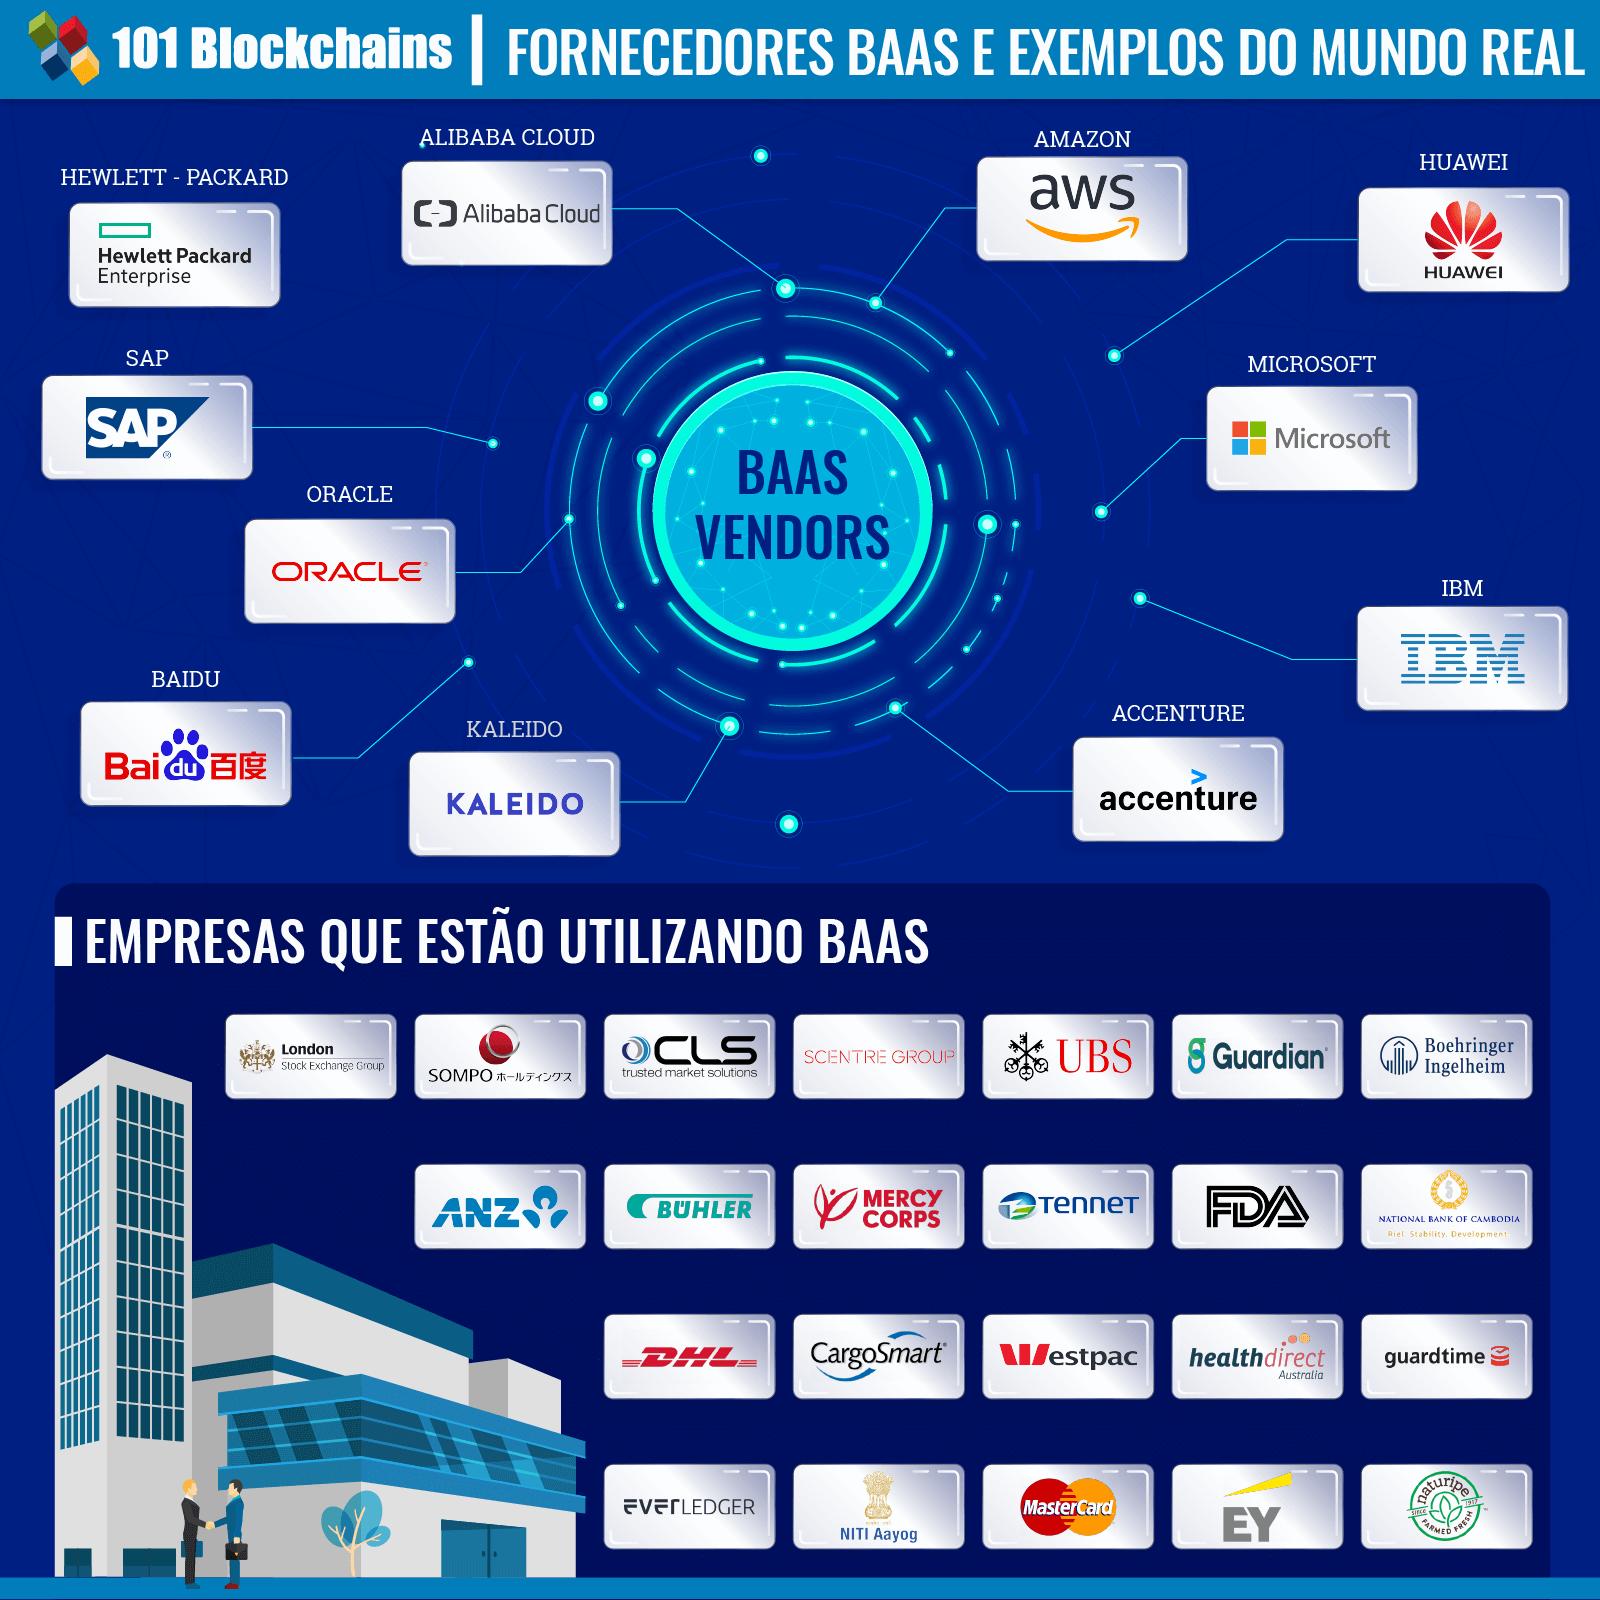 Fornecedores BAAS e Exemplos do Mundo Real